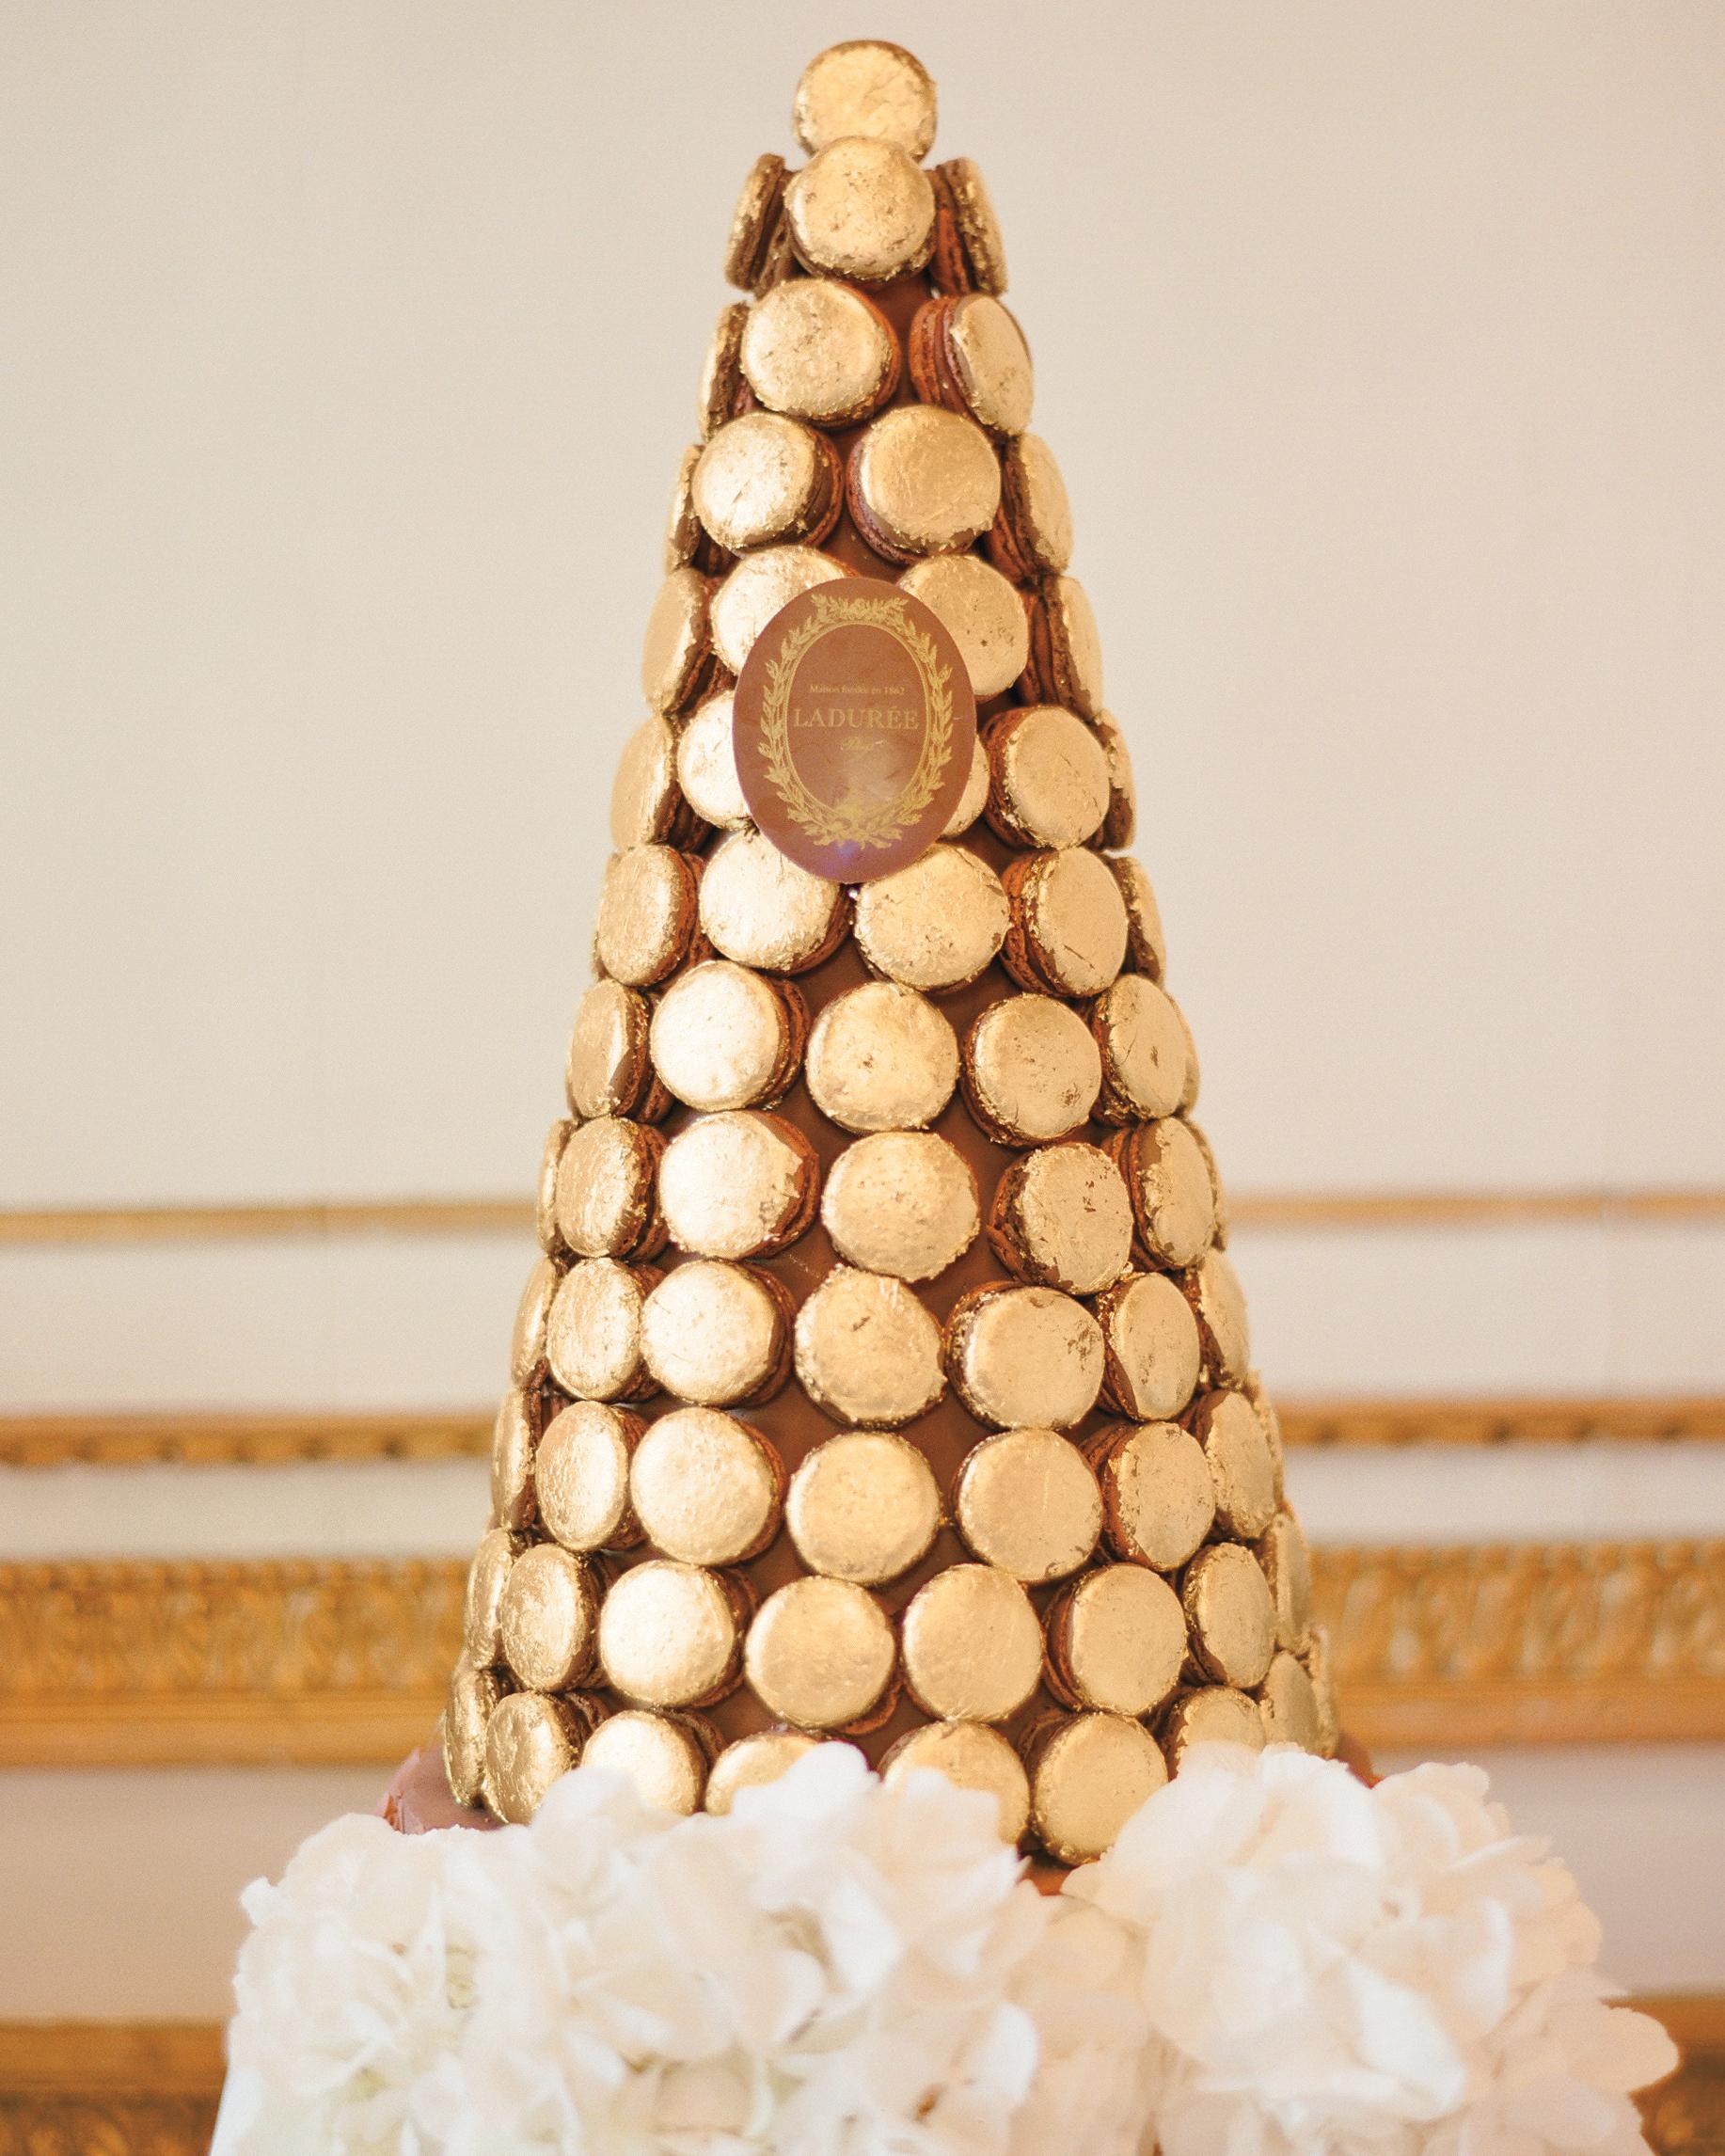 julie-eric-dessert-1248-mwds109913.jpg